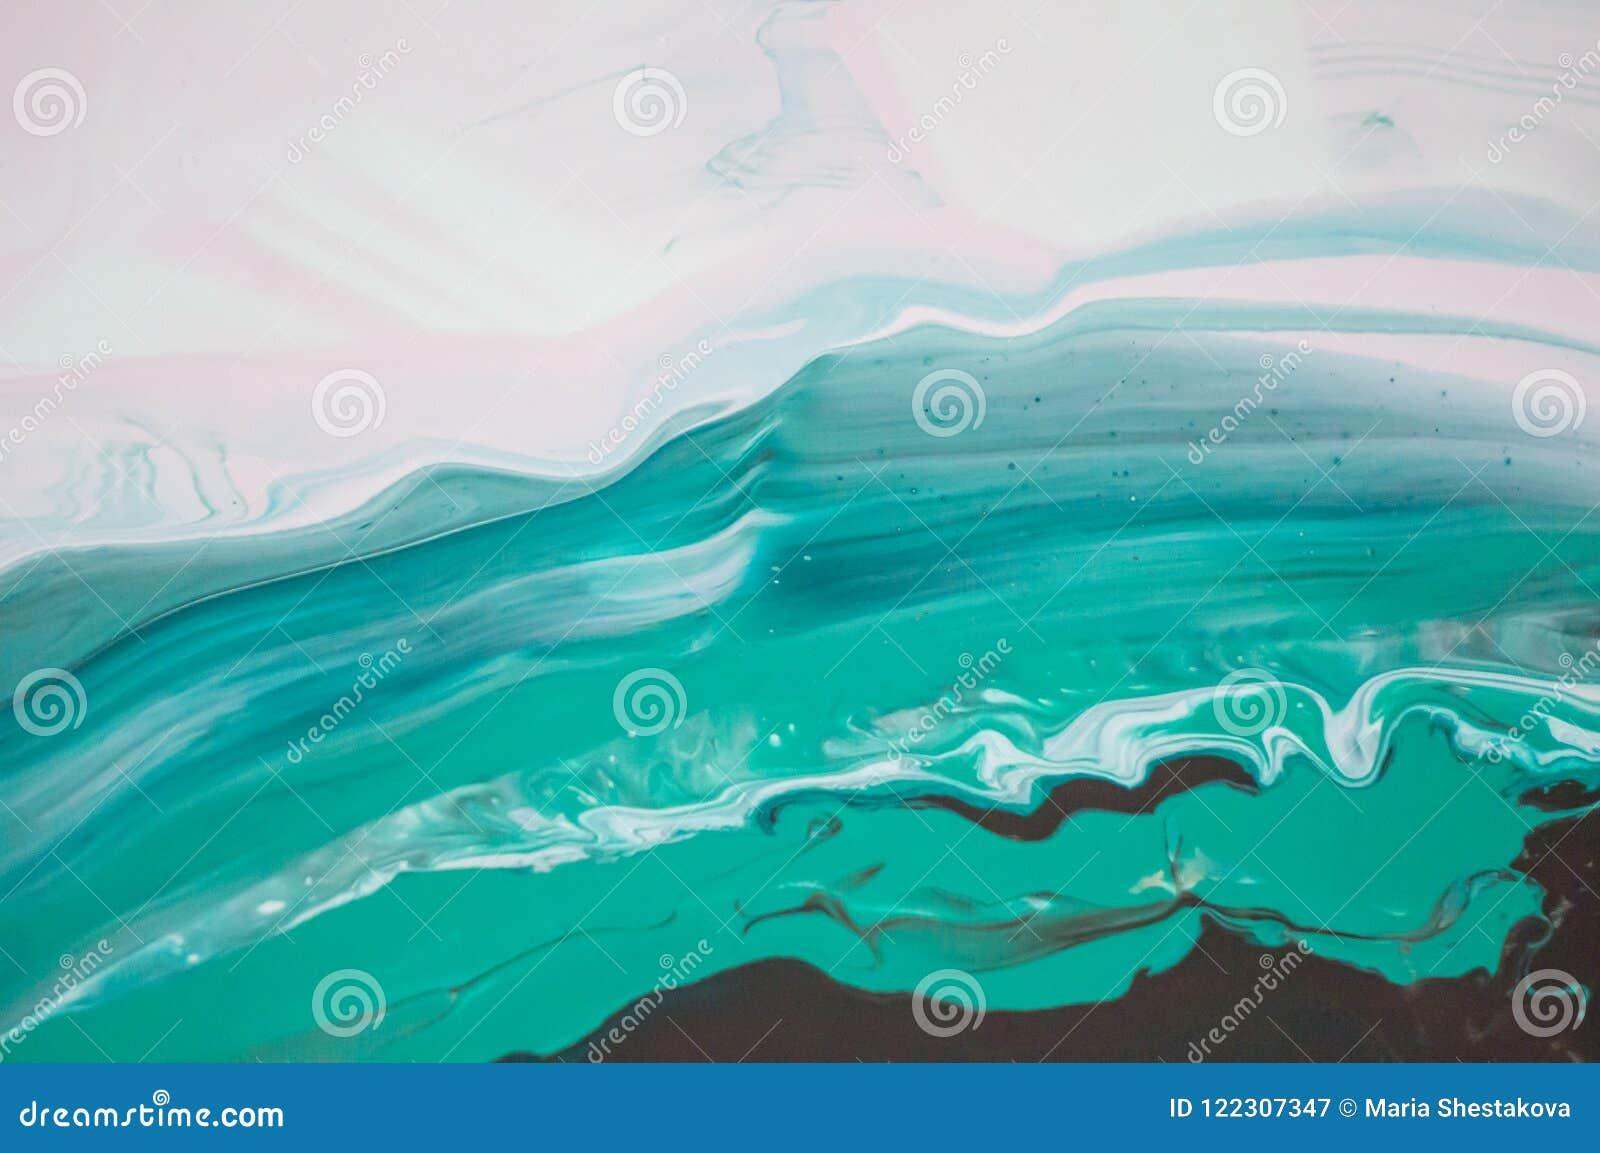 Acryl, Farbe, abstrakt Nahaufnahme der Malerei Bunter abstrakter Malereihintergrund Hoch-strukturierte Ölfarbe Hohe Qualität